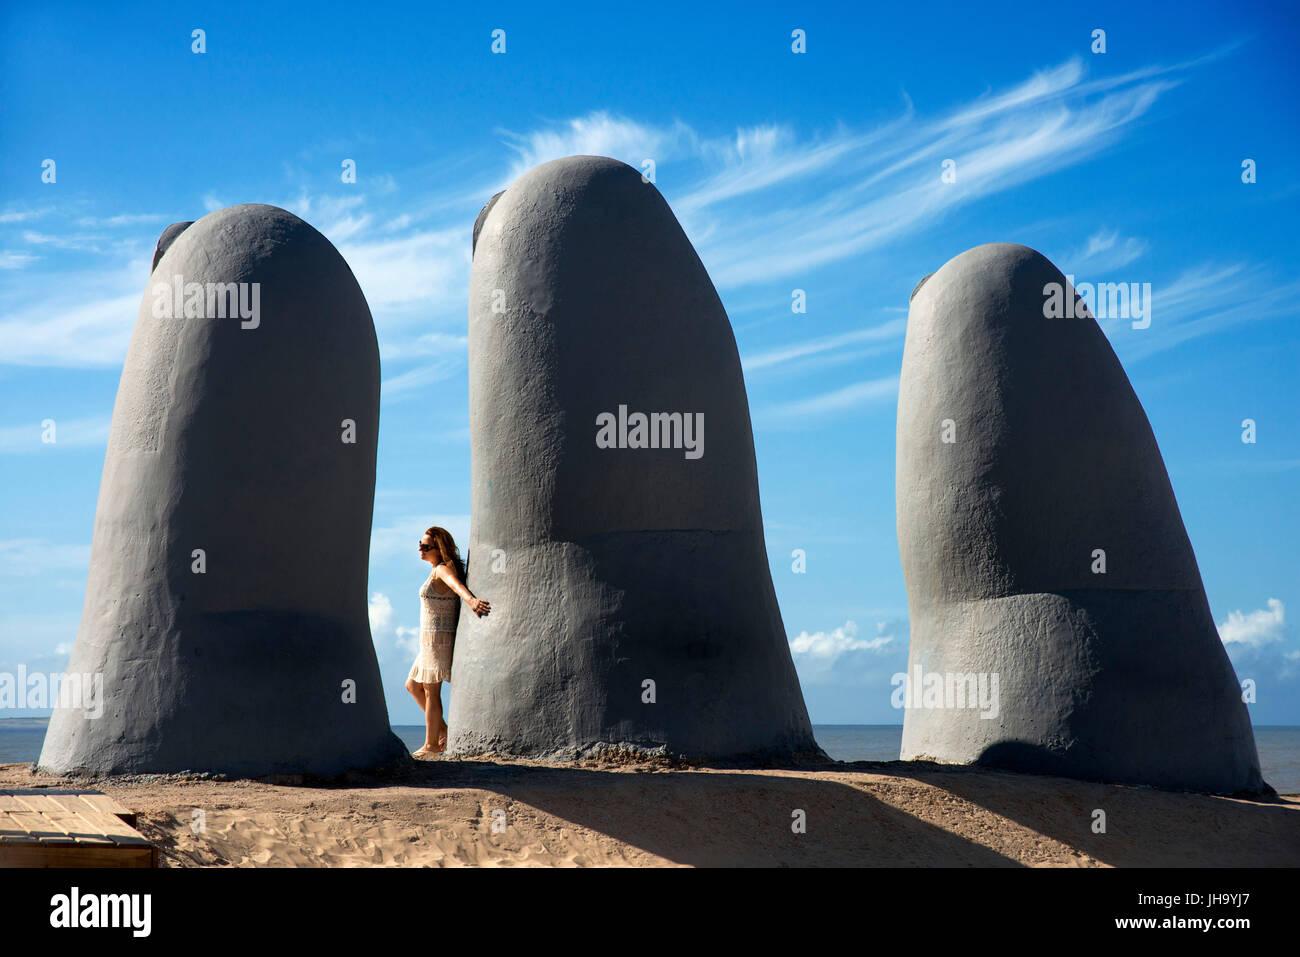 La escultura de la mano de Punta del Este, o mano de Punta del Este en la Parada 4 en las arenas de Playa Brava, Imagen De Stock